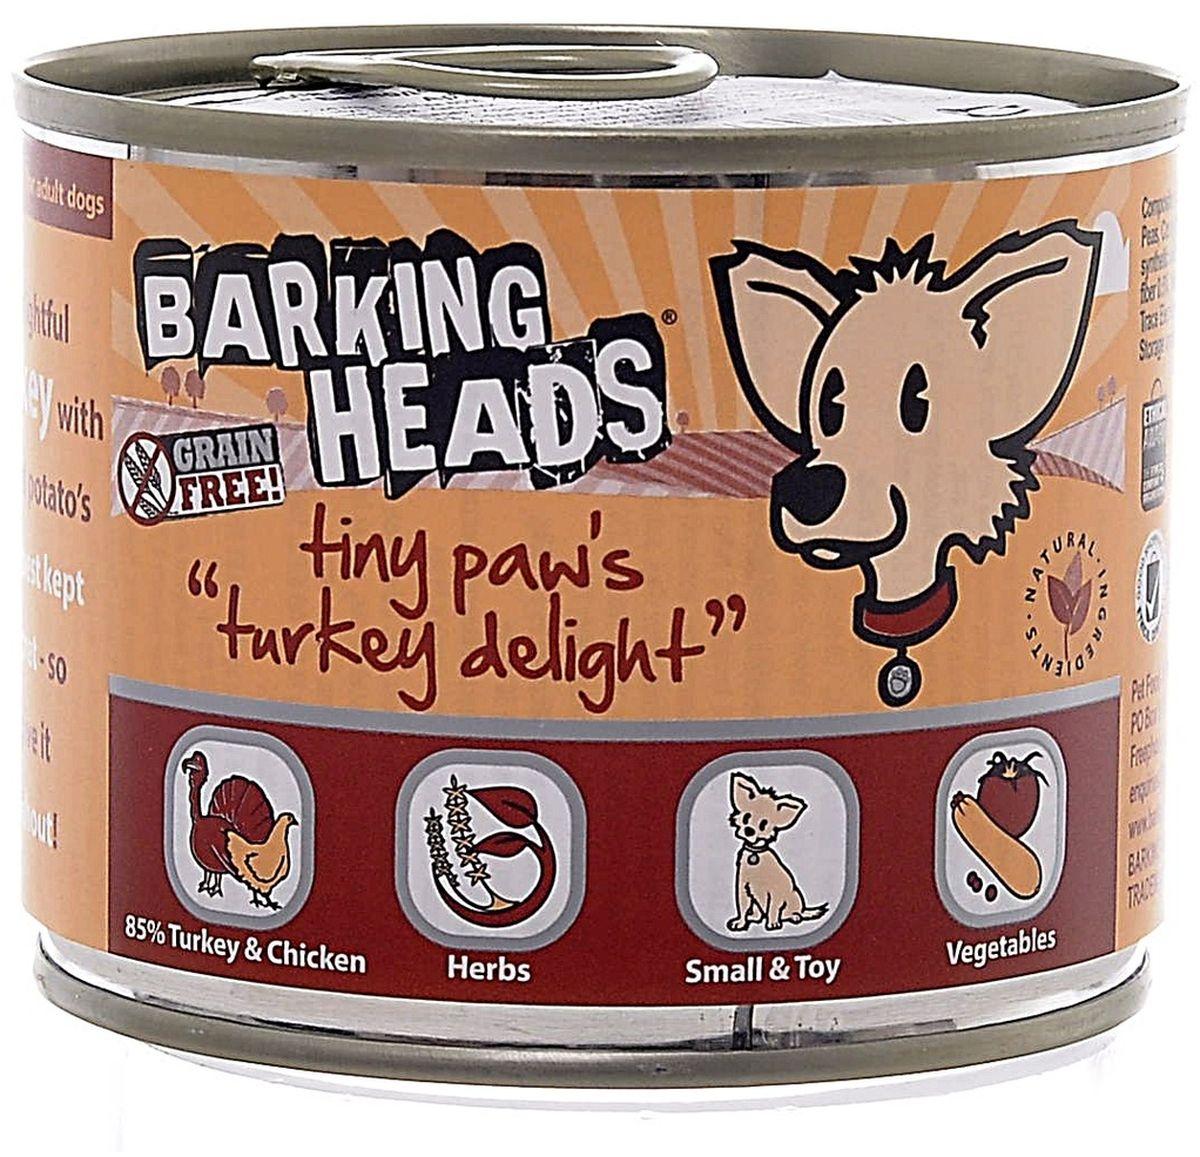 Консервы Barking Heads Бесподобная индейка для собак мелких пород, с индейкой, 200 г0120710Консервы Barking Heads Бесподобная индейка - это обед аристократа: вкус настоящего британского лакомства - индейки на пару - покажется вашему питомцу поистине замечательным! Пусть питомец почувствует всю вашу любовь! Приготовленное на пару свежайшее мясо индейки не теряет своих полезных свойств и натуральной вкусовой привлекательности для собак. Отличный вкус, нежный аромат натурального корма и заботливый хозяин рядом - что еще нужно счастливому питомцу! Консервы можно использовать в качестве полнорационного корма.Состав: 85% индейки и курицы (30% индейки, 30% курицы, 25% бульона из индейки), нут, горох, кабачки, томаты, растительное масло, ламинария, люцерна, сушеная петрушка, сельдерей, корень цикория, куркума, крапива, анисовое семя.Гарантированный анализ: белок 10,8%, содержание жира 6,7%, зола 2,4%, клетчатка 0,5%, влага 75%.Витамины: витамин D3 2000 IU, витамин Е 30 МЕ. Комплекс микроэлементов: моногидрат сульфата цинка 15 мг, моногидрат сульфата марганца 3 мг, безводный йодат кальция 0,75 мг.Товар сертифицирован.